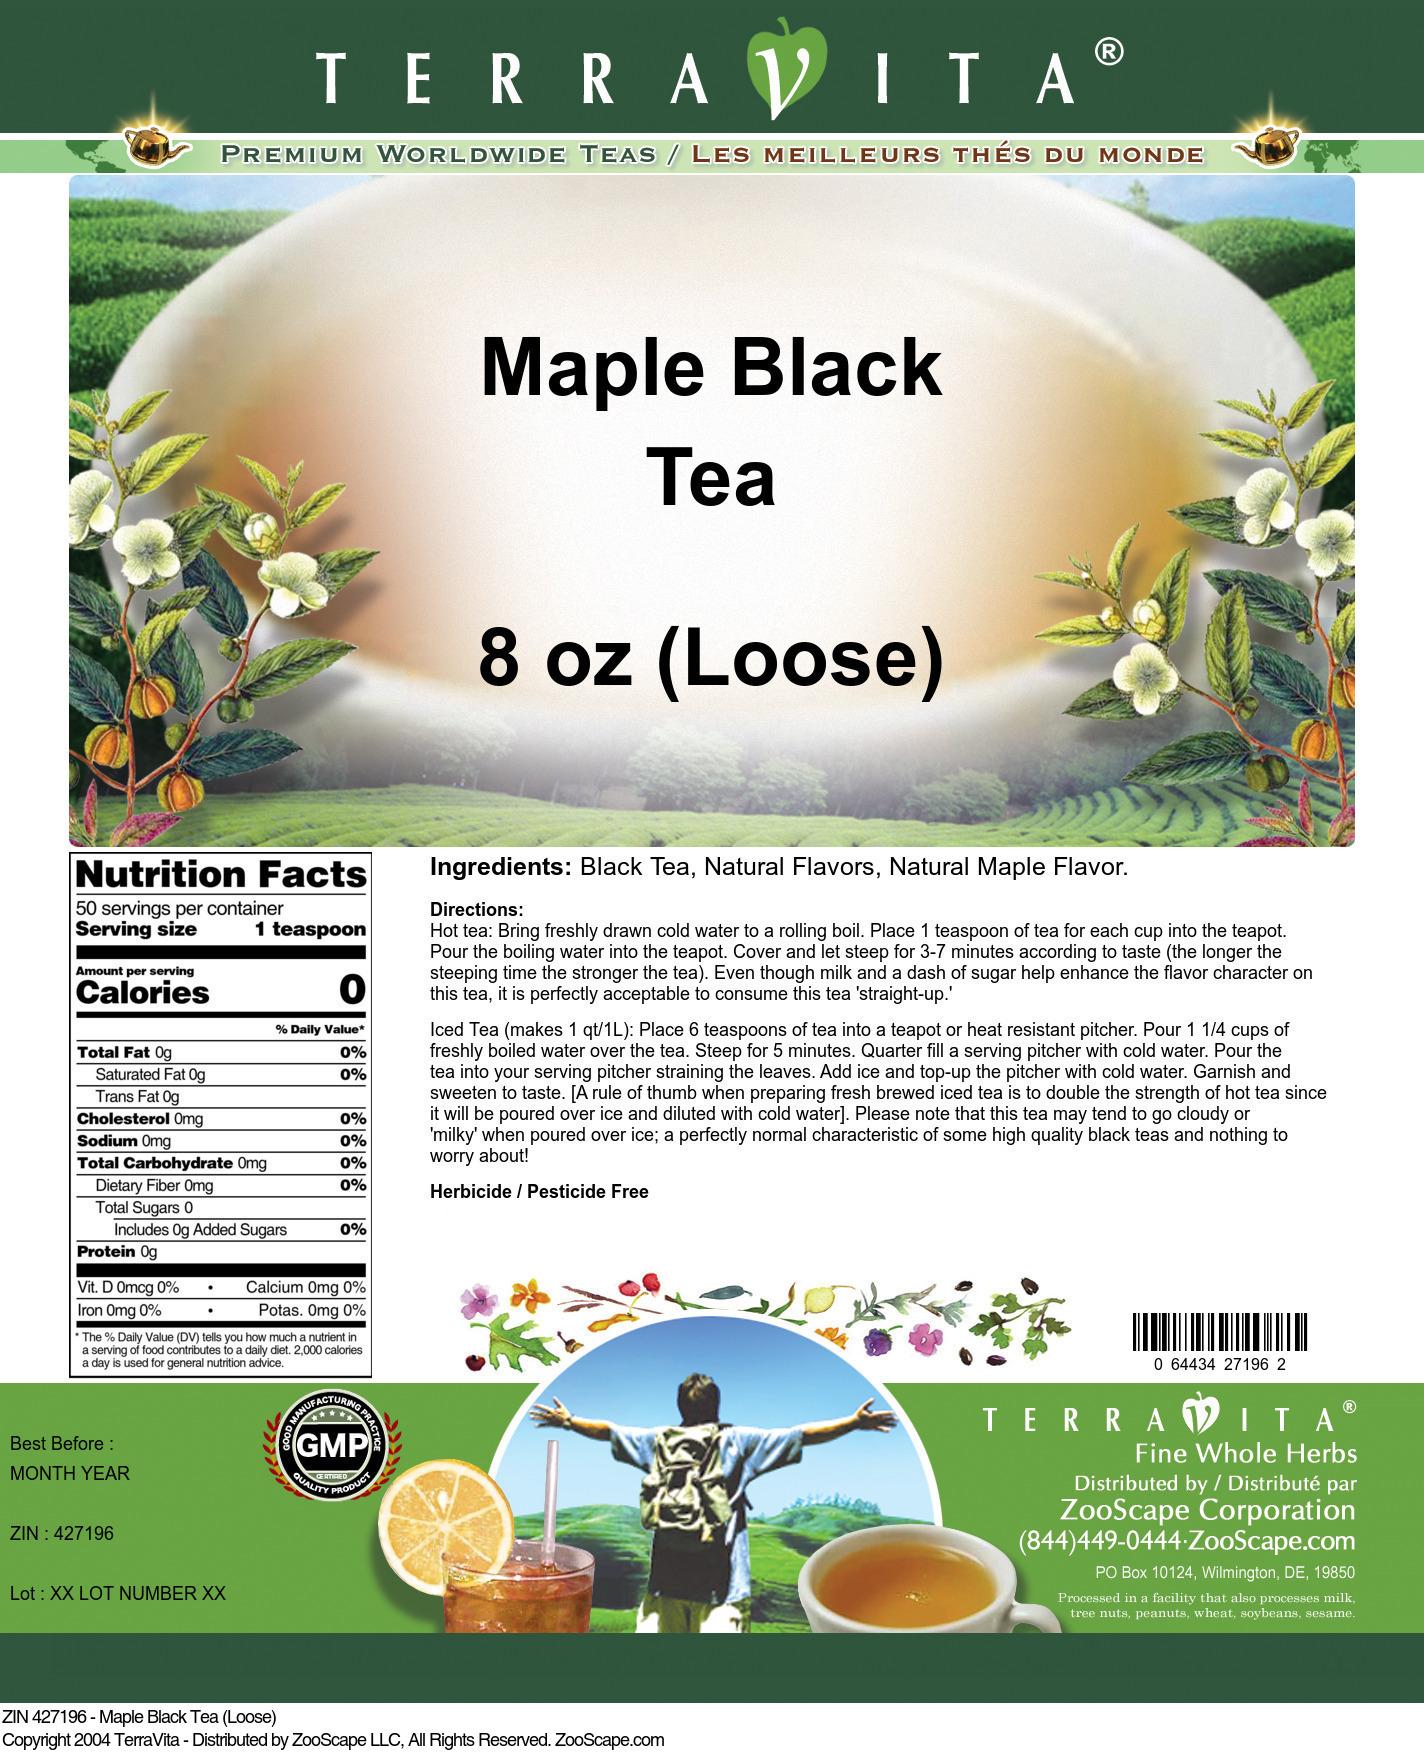 Maple Black Tea (Loose)